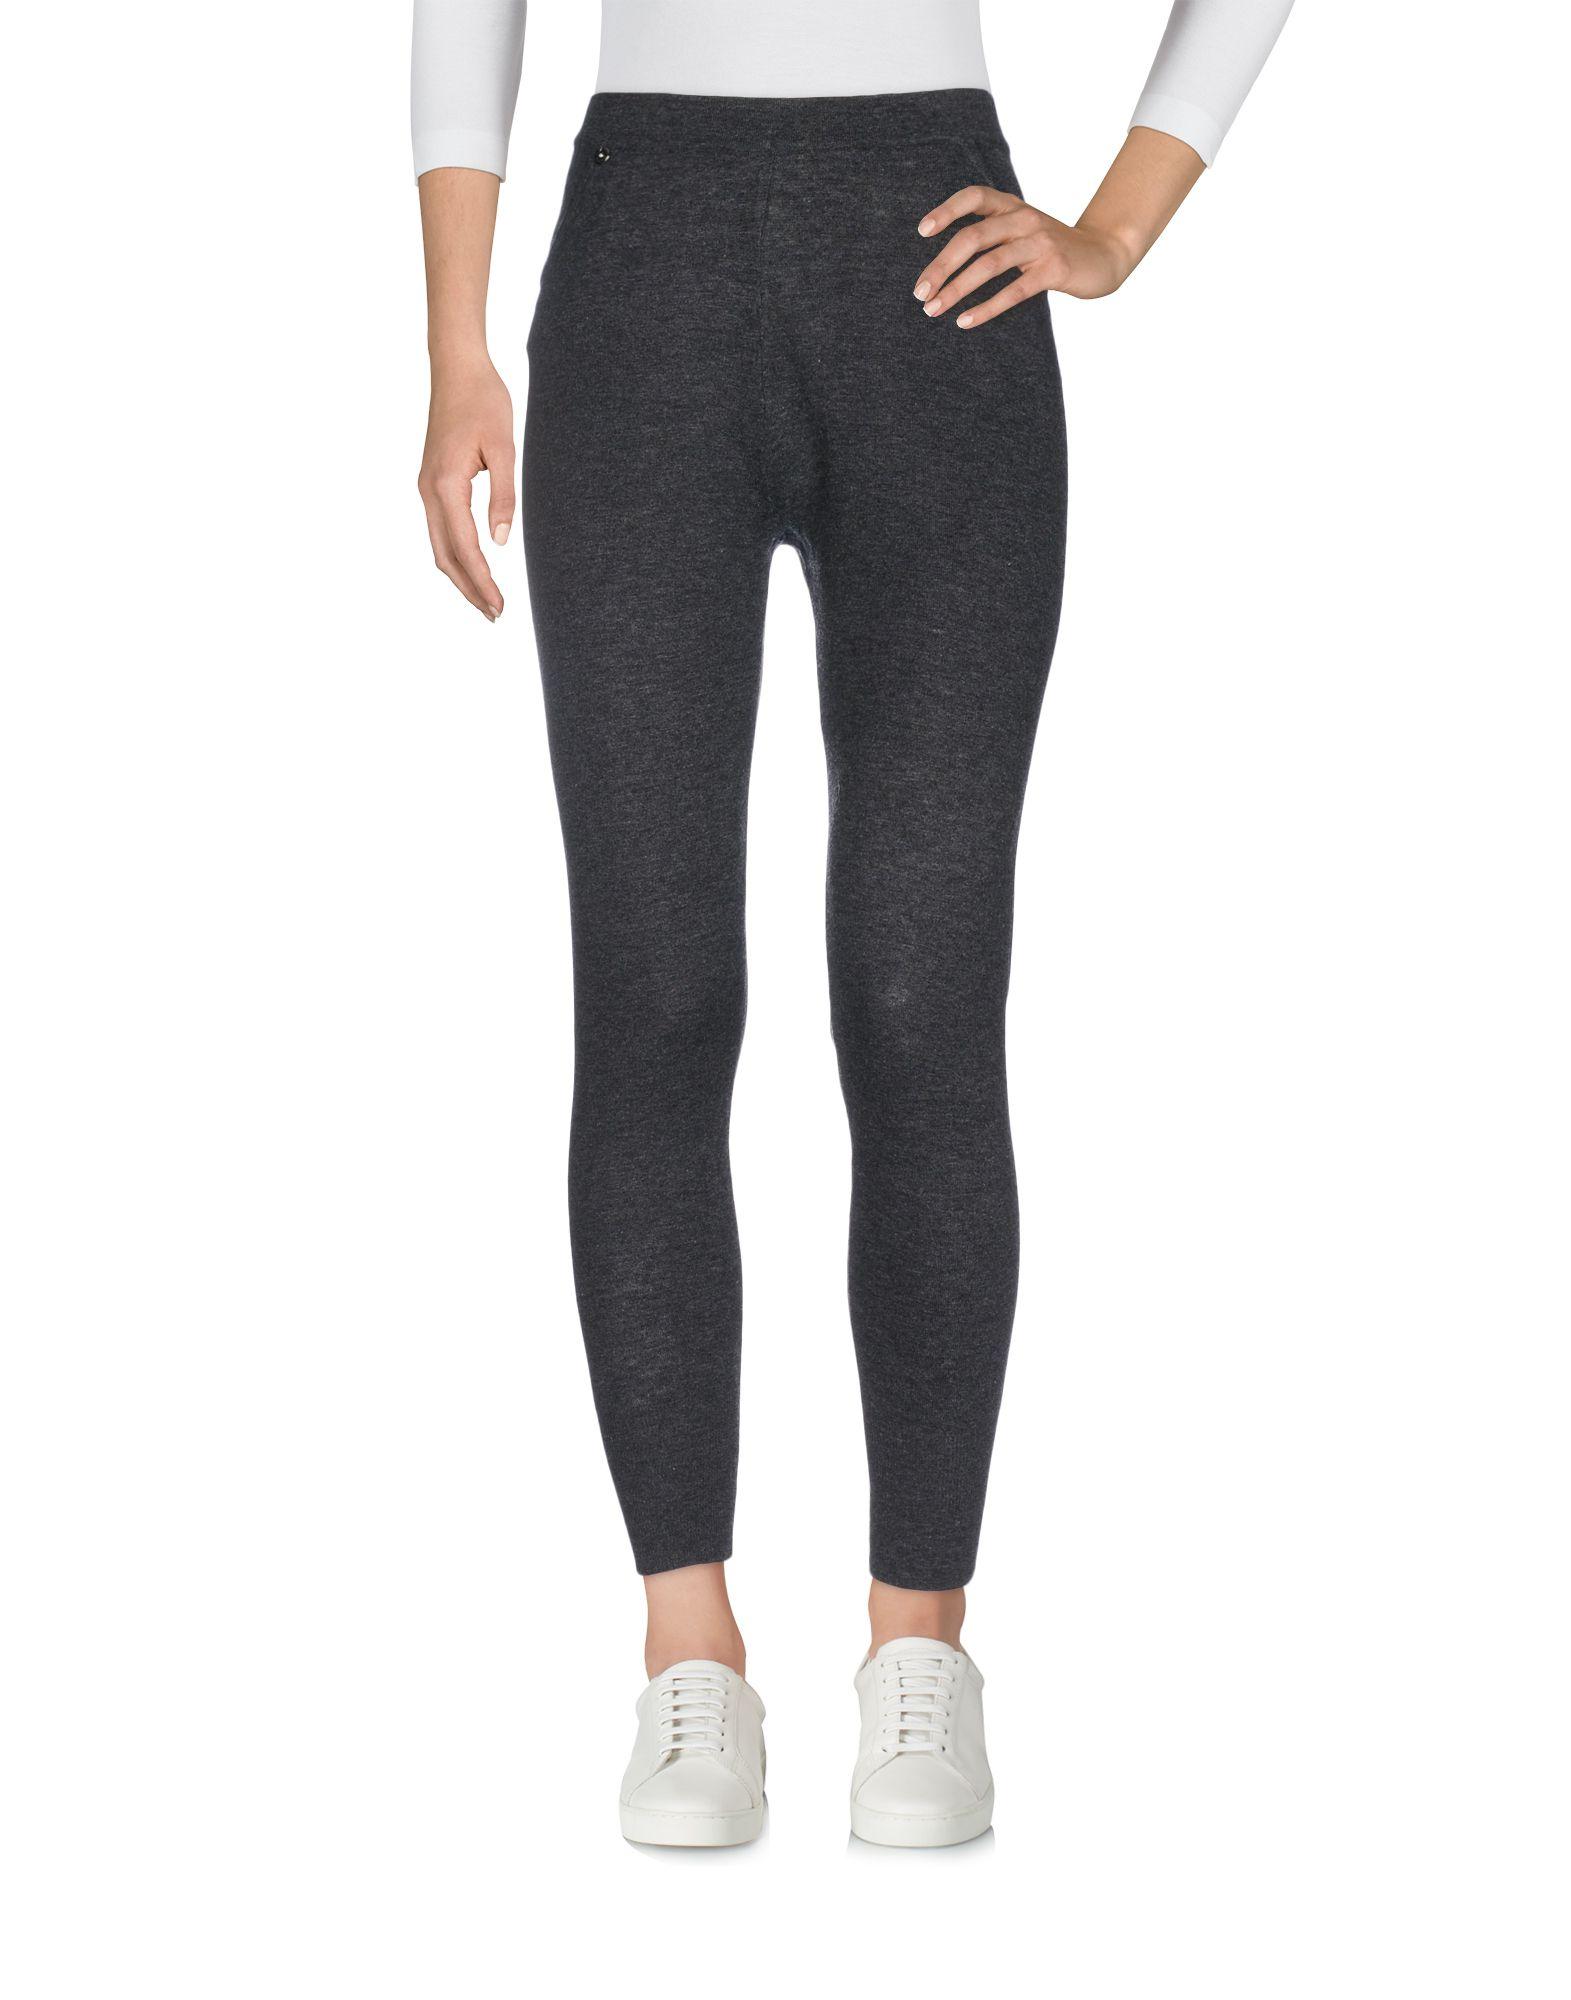 Pantalone Pinko Donna - Acquista online su IOB8aeV2Qk